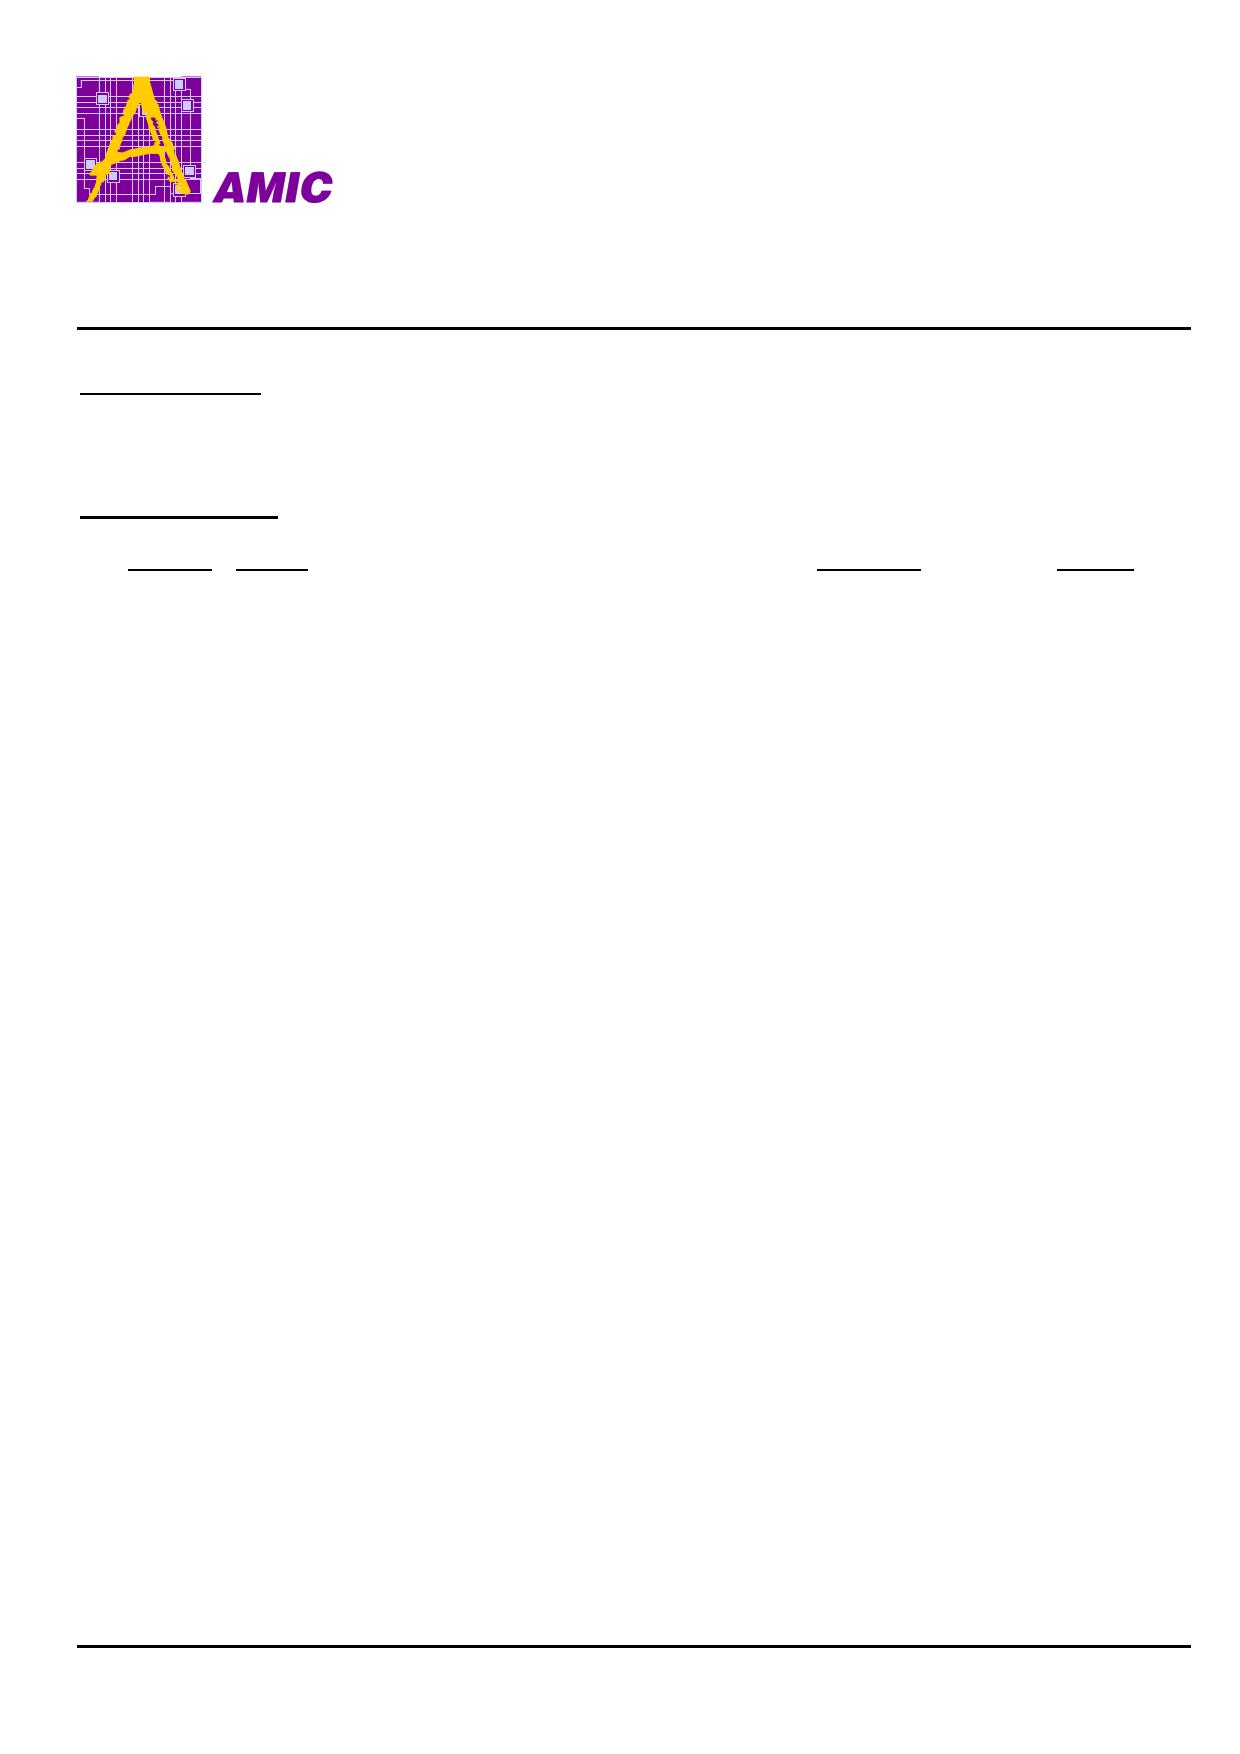 A25LQ32A datasheet, circuit